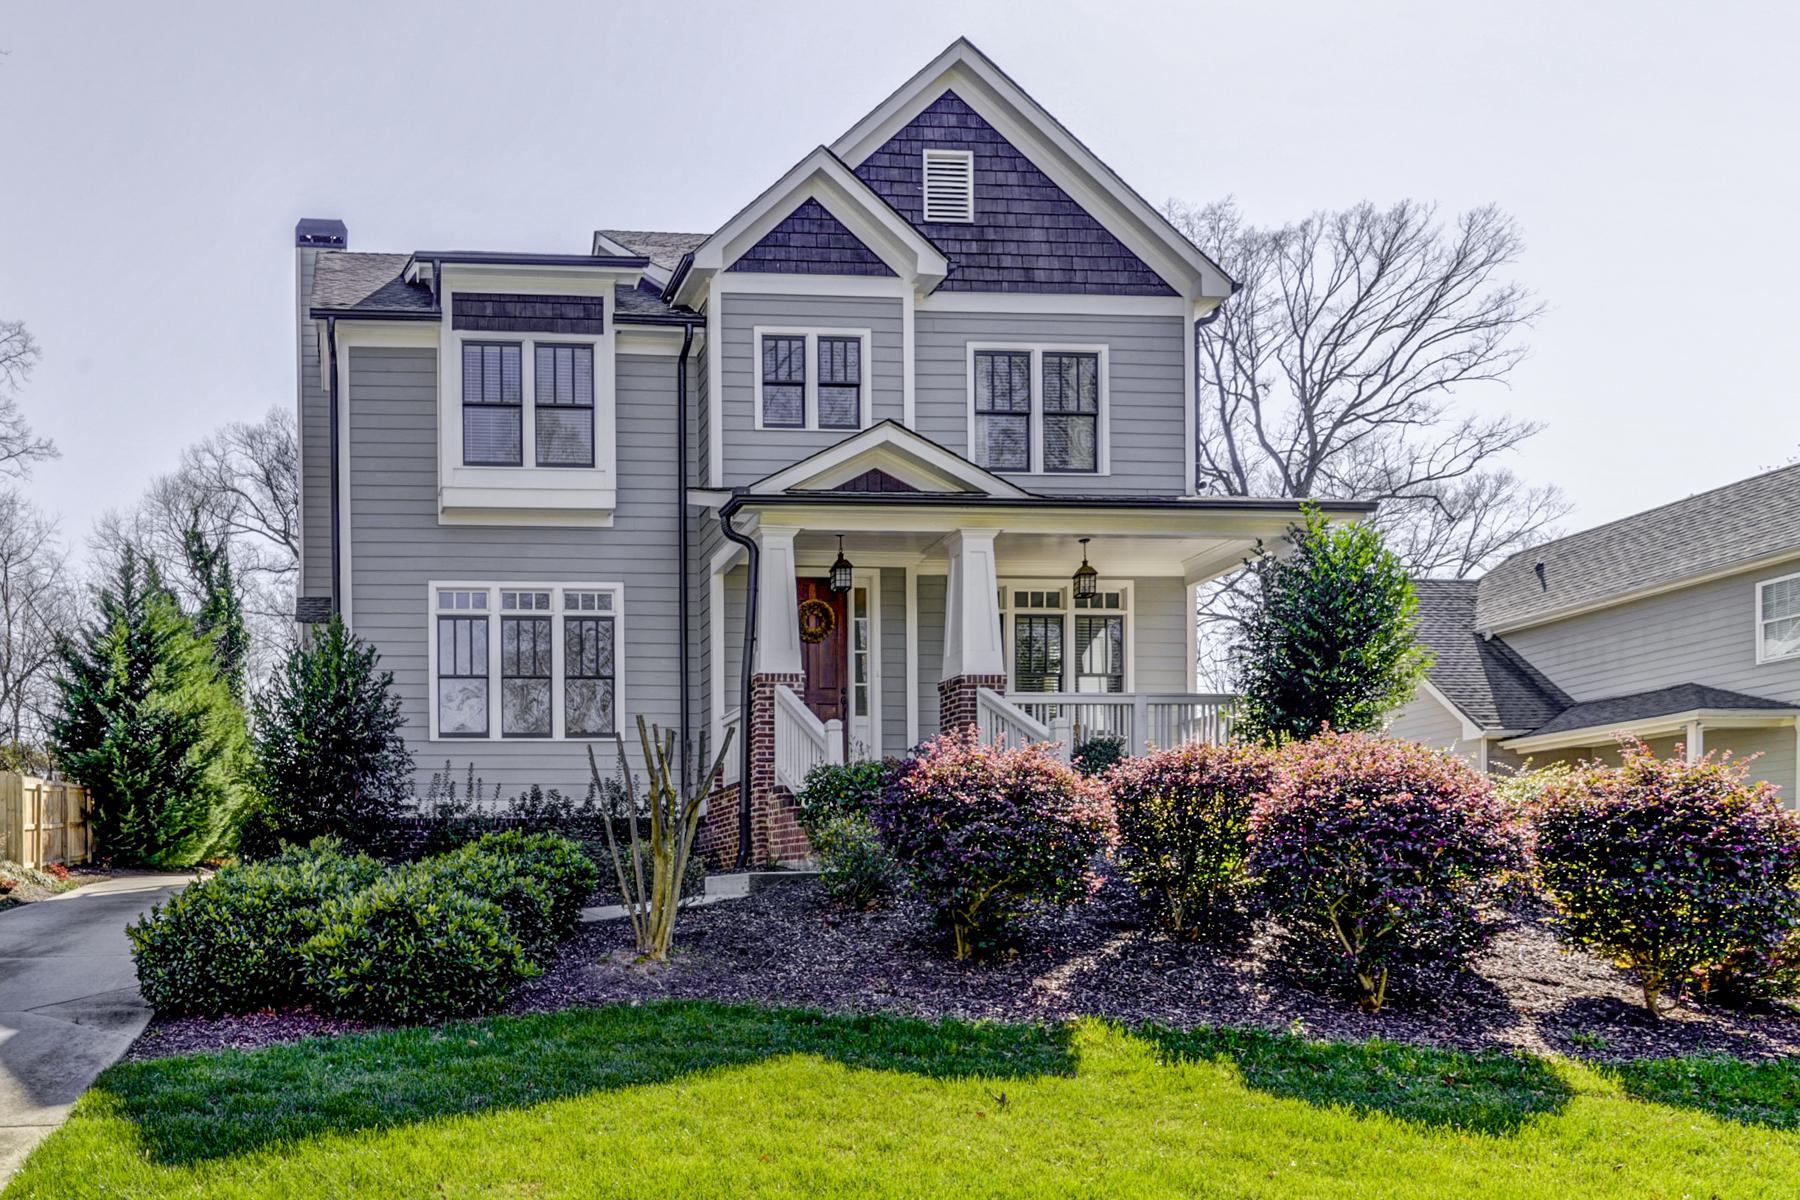 独户住宅 为 销售 在 Exceptional Craftsman In Ashford Park 1861 8th St 亚特兰大, 乔治亚州, 30341 美国